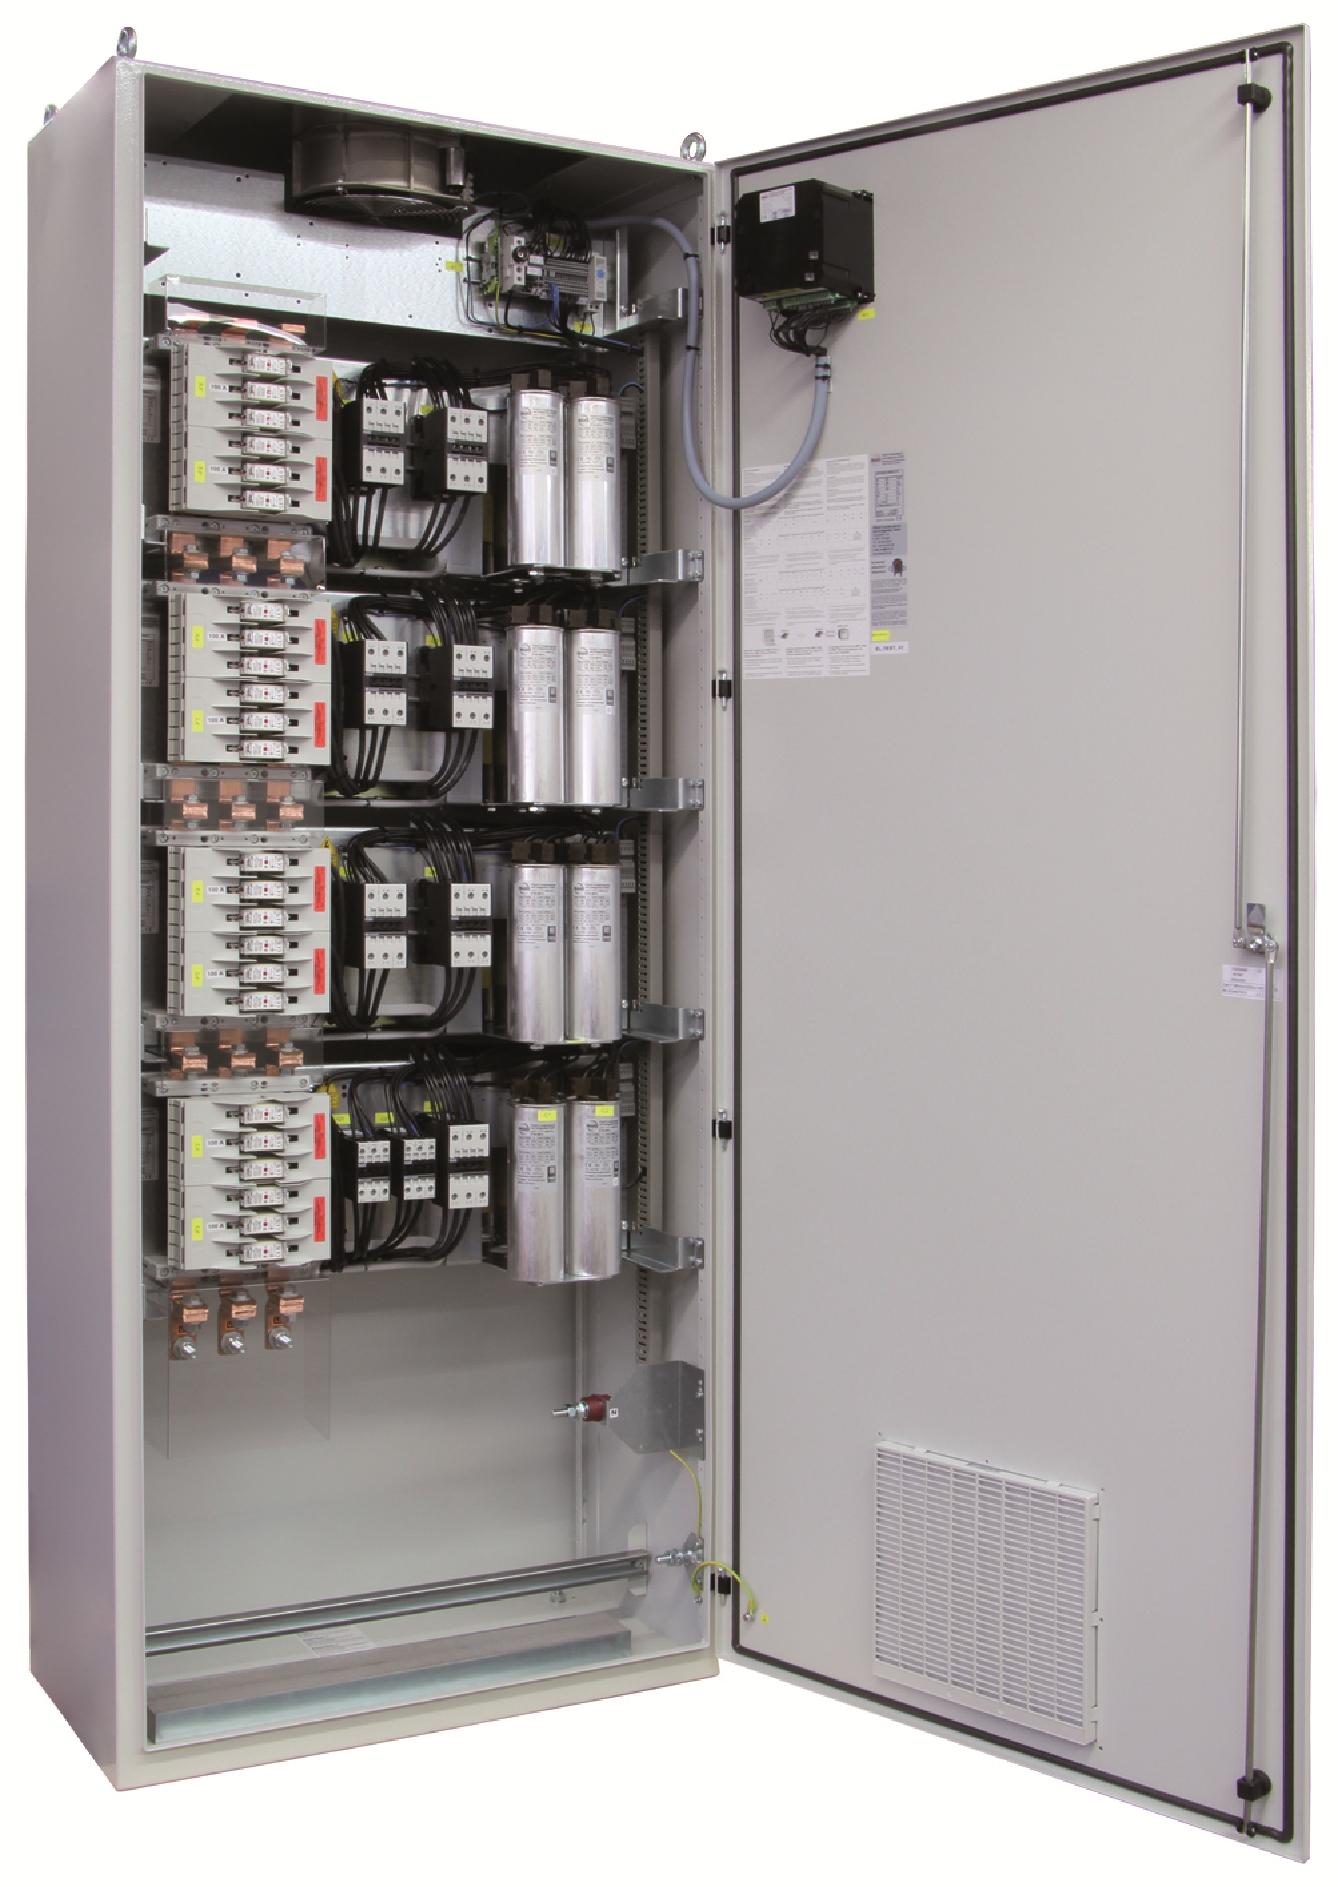 1 Stk Kompensation LSFC 7% 93,75/6,25kvar 600x2000x400mm FR3422653-